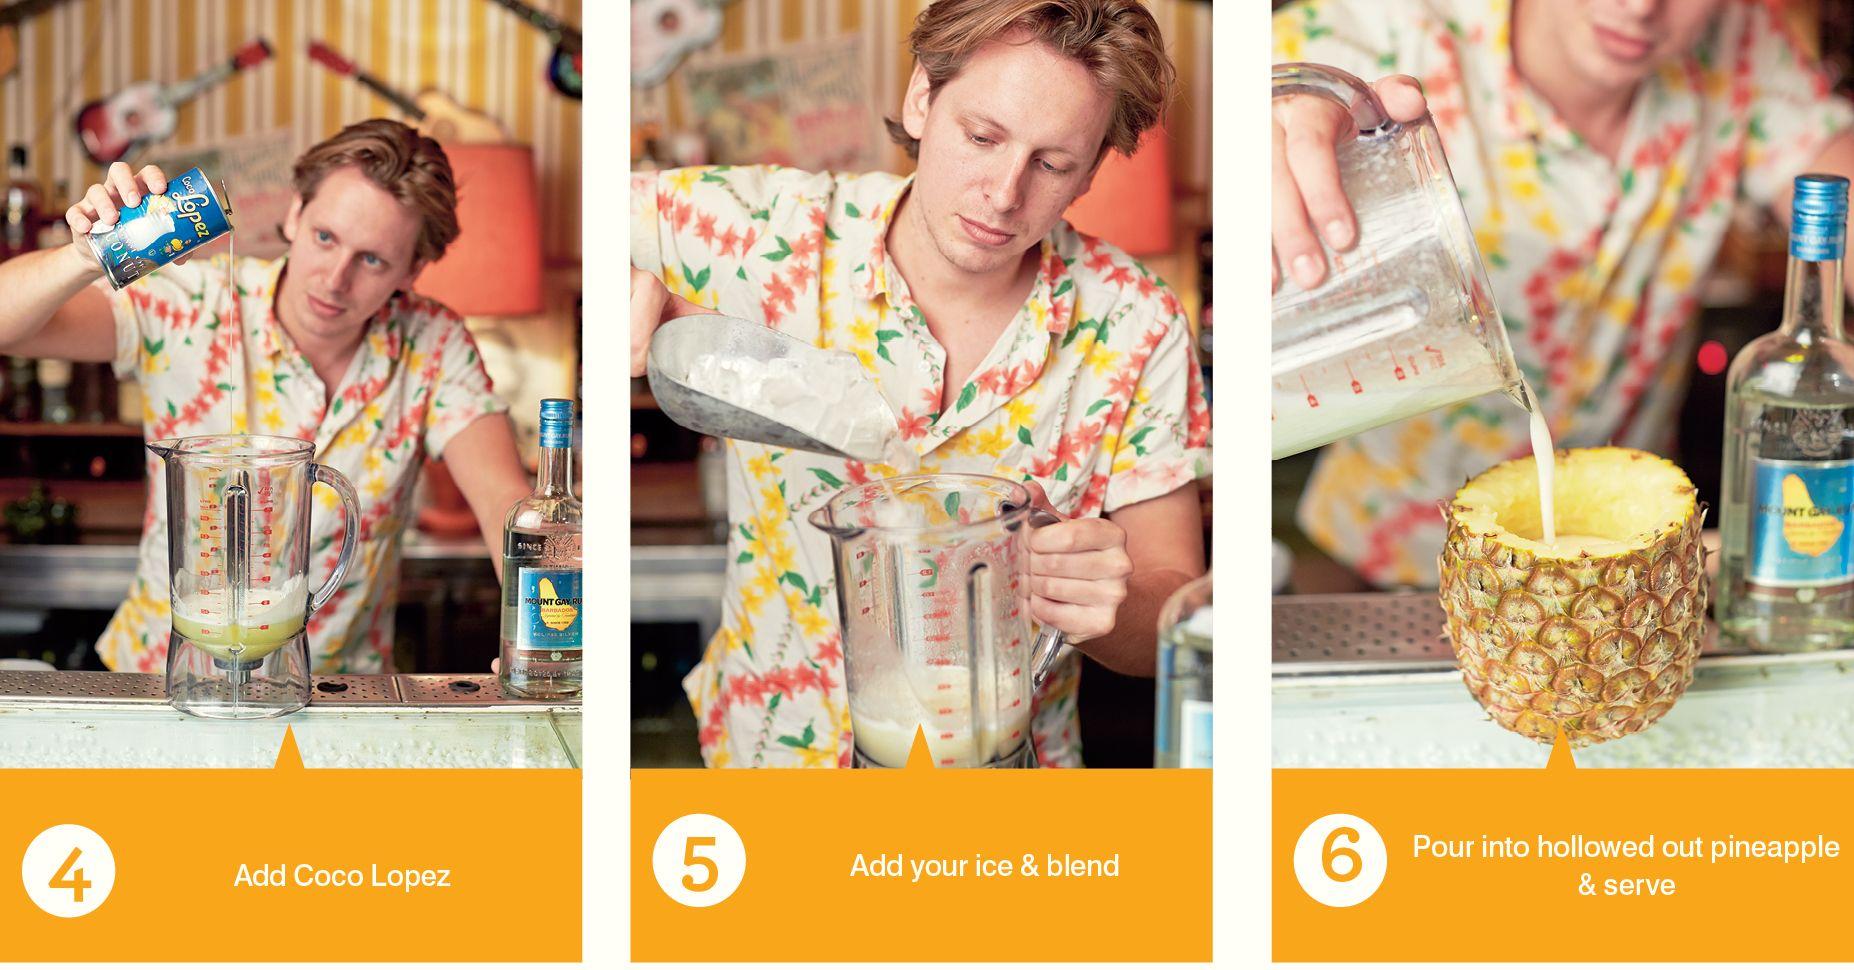 How To Pina Colada Steps 4-6